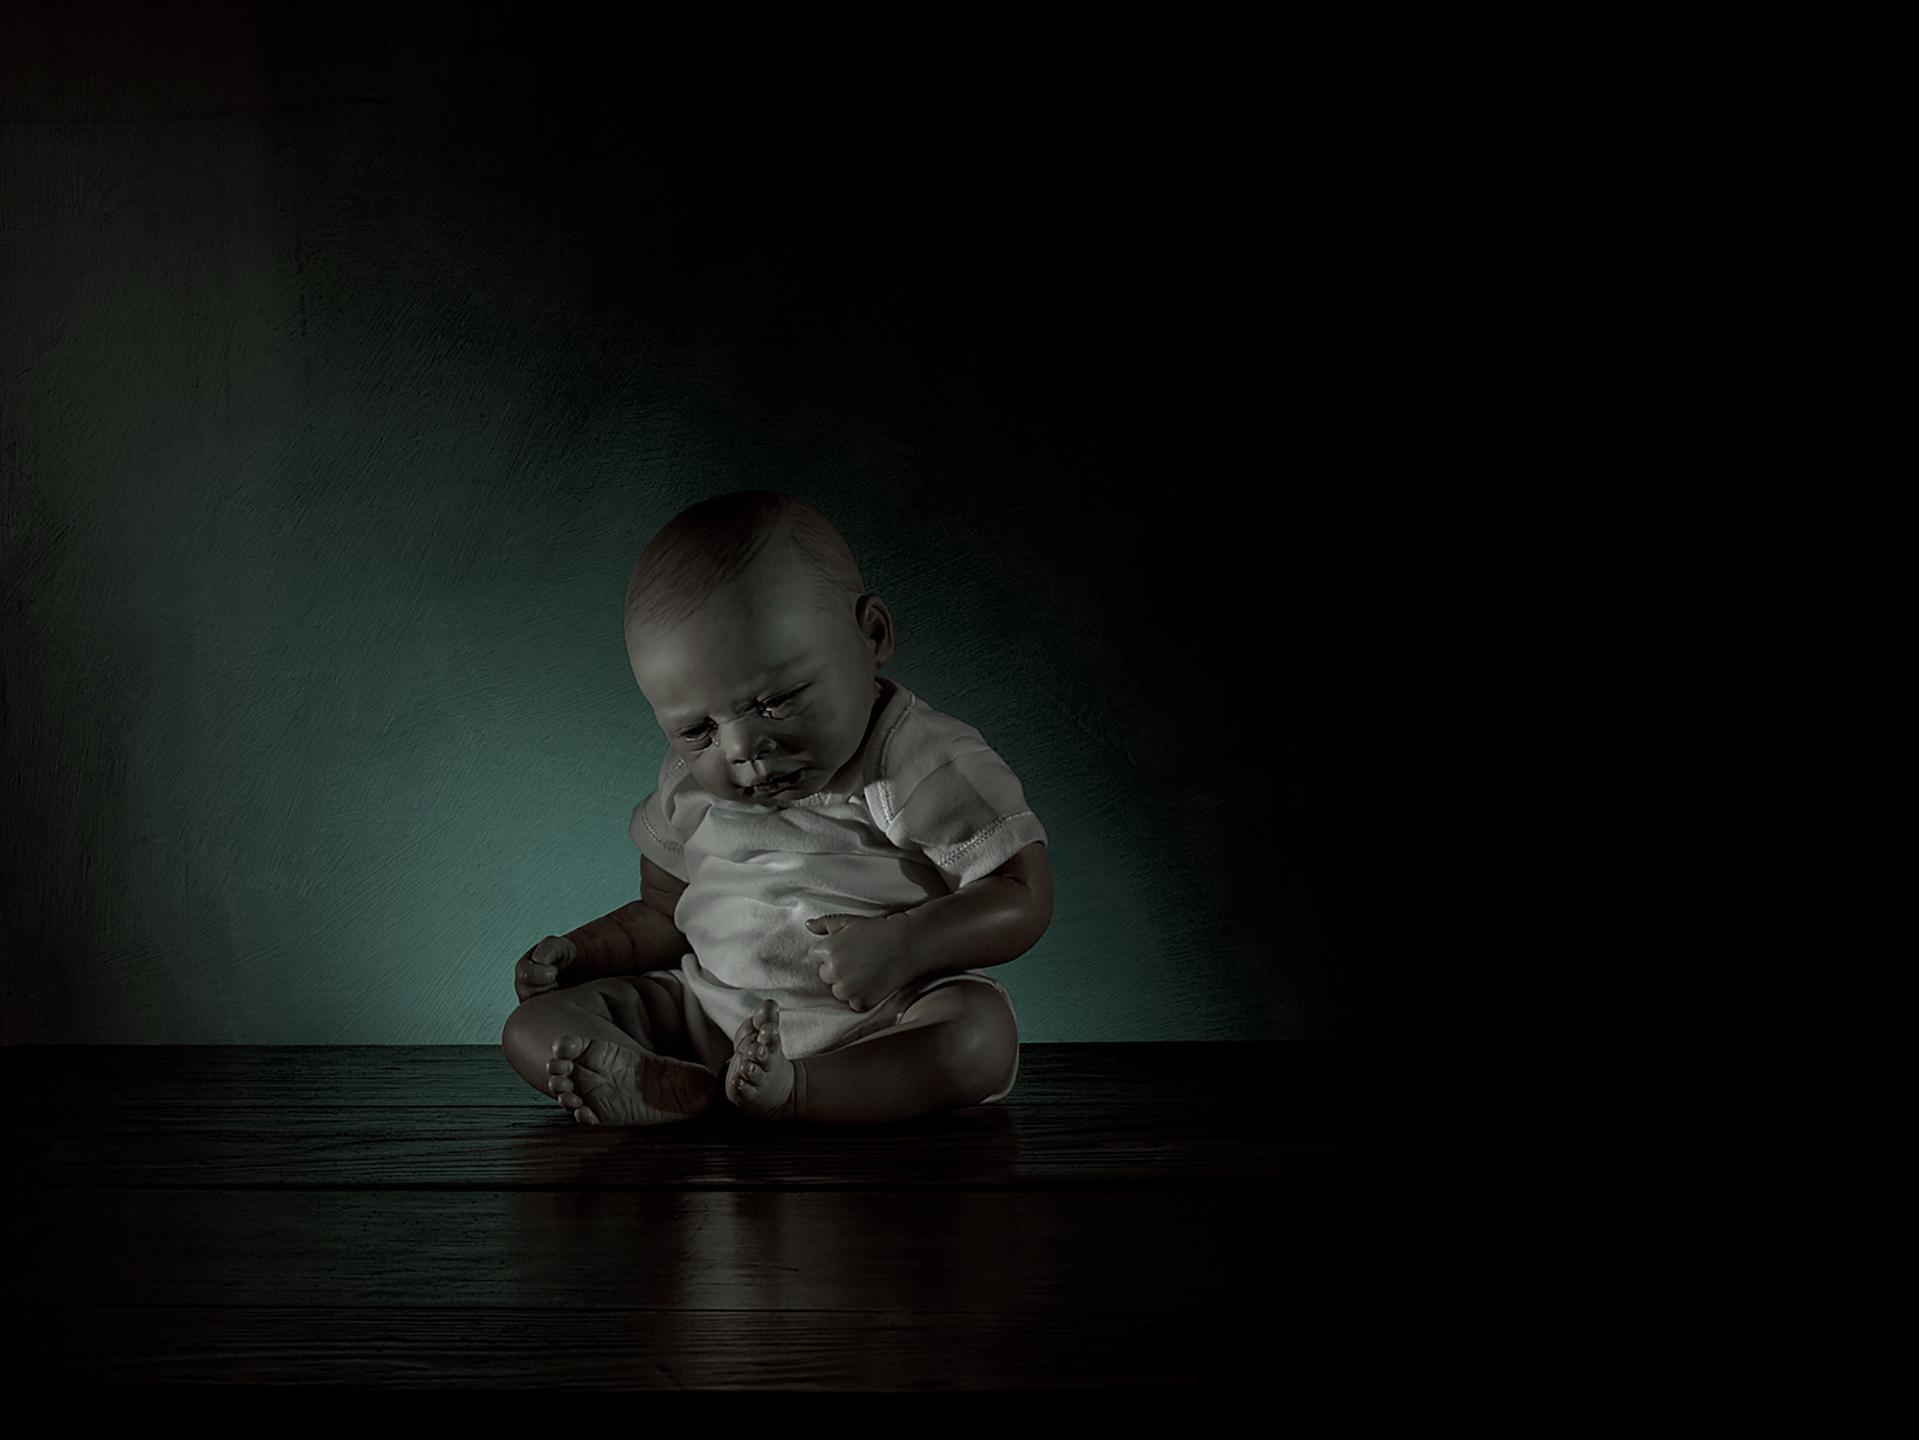 Kevin Mallett - baby doll